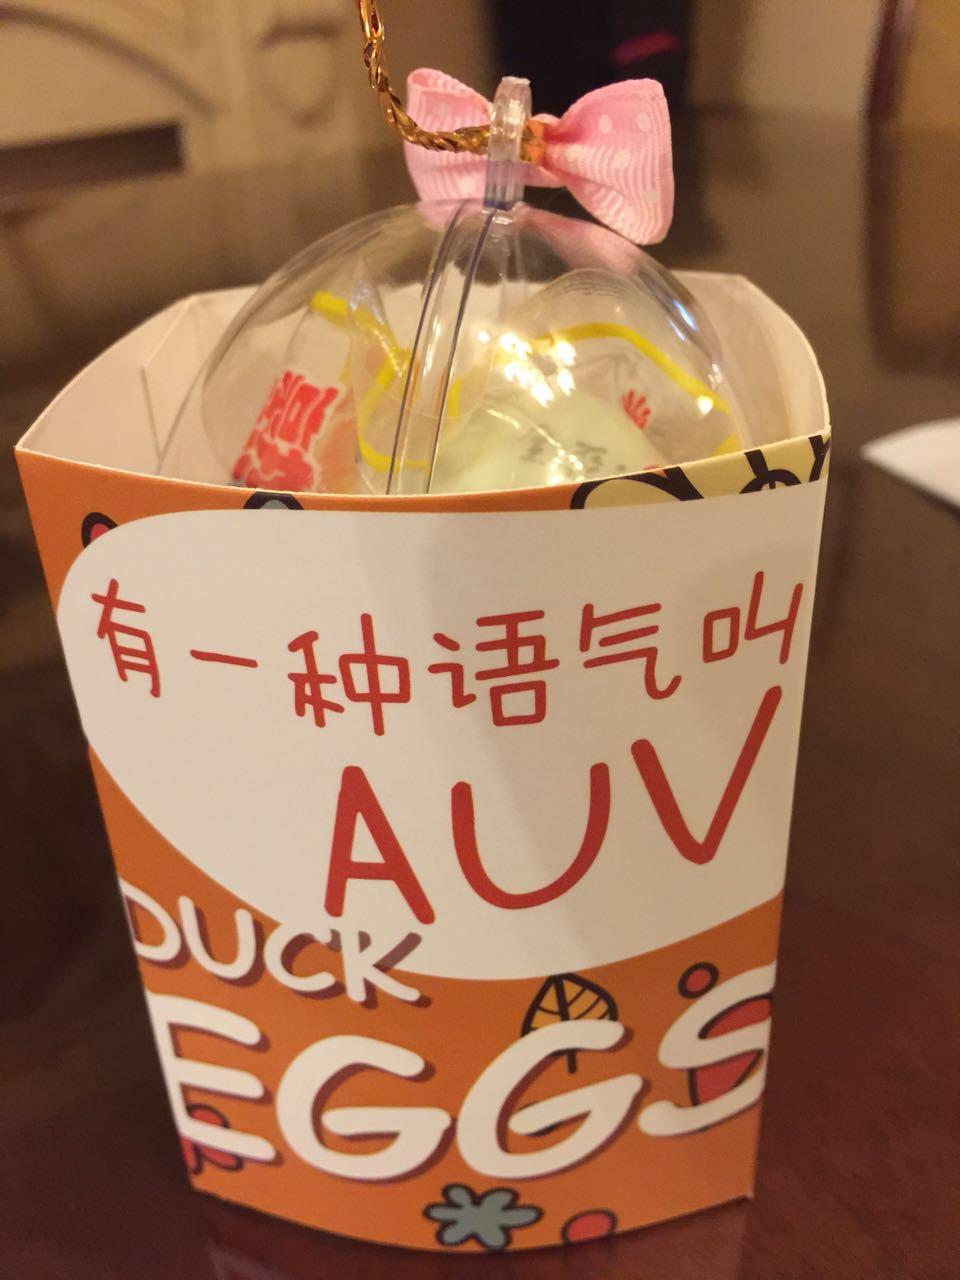 符合年轻人审美的包装里是衍生产品咸鸭蛋